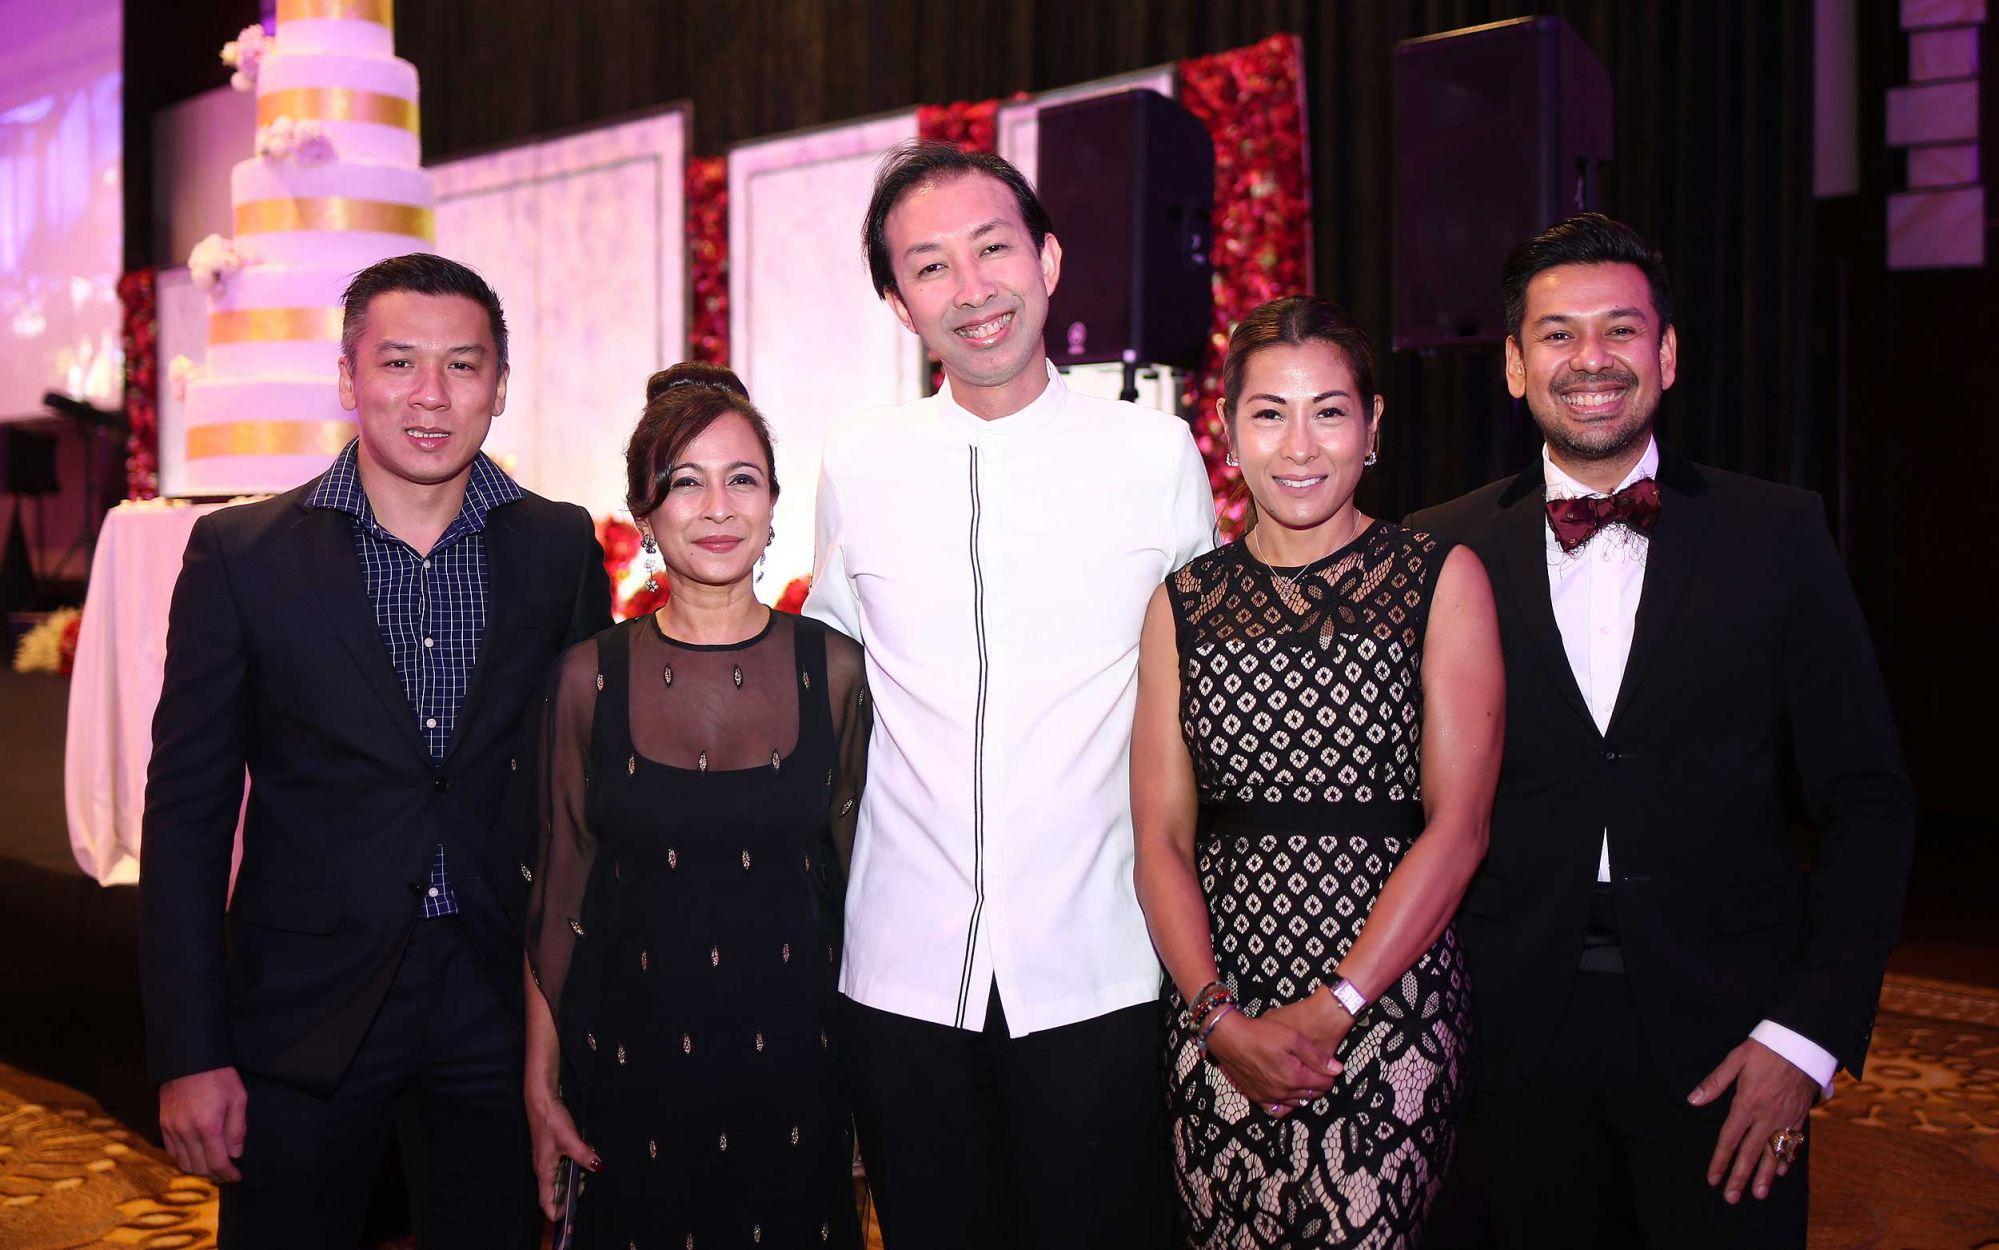 Jacky Lai, Tina Fazlita Fadzil, Mario Mahmood, Hayati Jamil and Syed Wafa